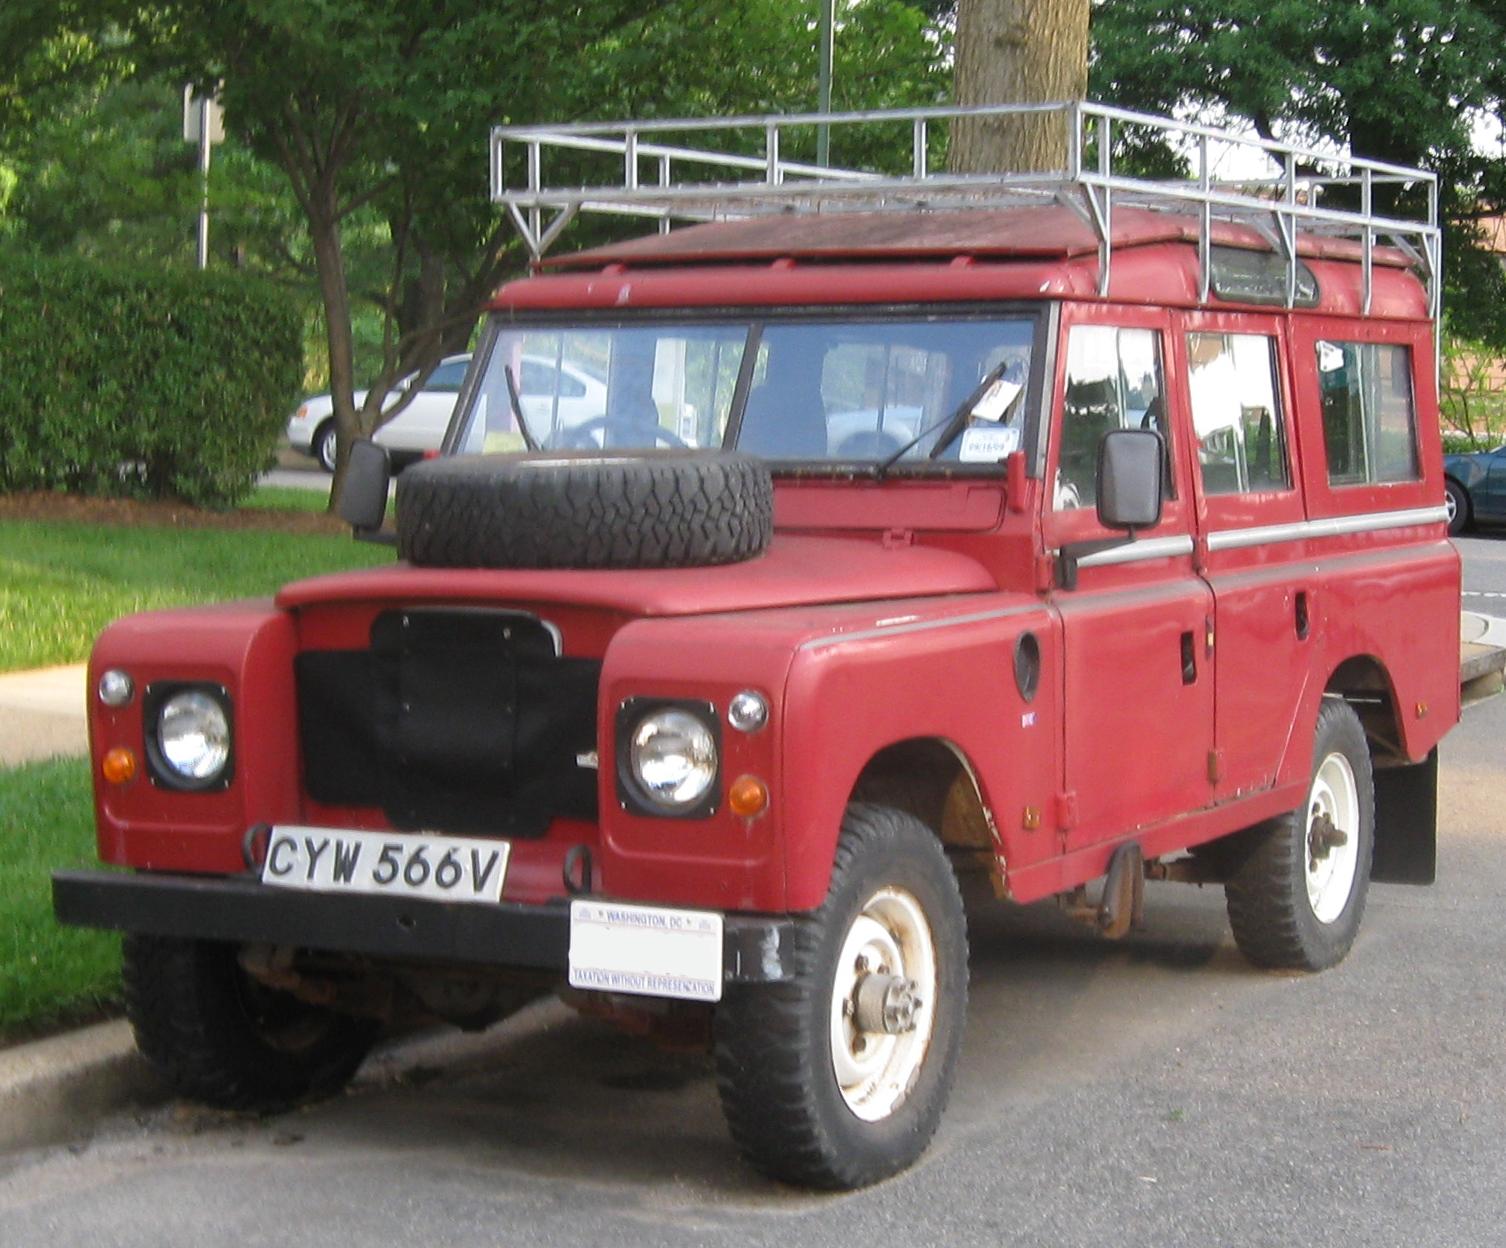 FileLand Rover Defender 4-door.jpg & File:Land Rover Defender 4-door.jpg - Wikimedia Commons